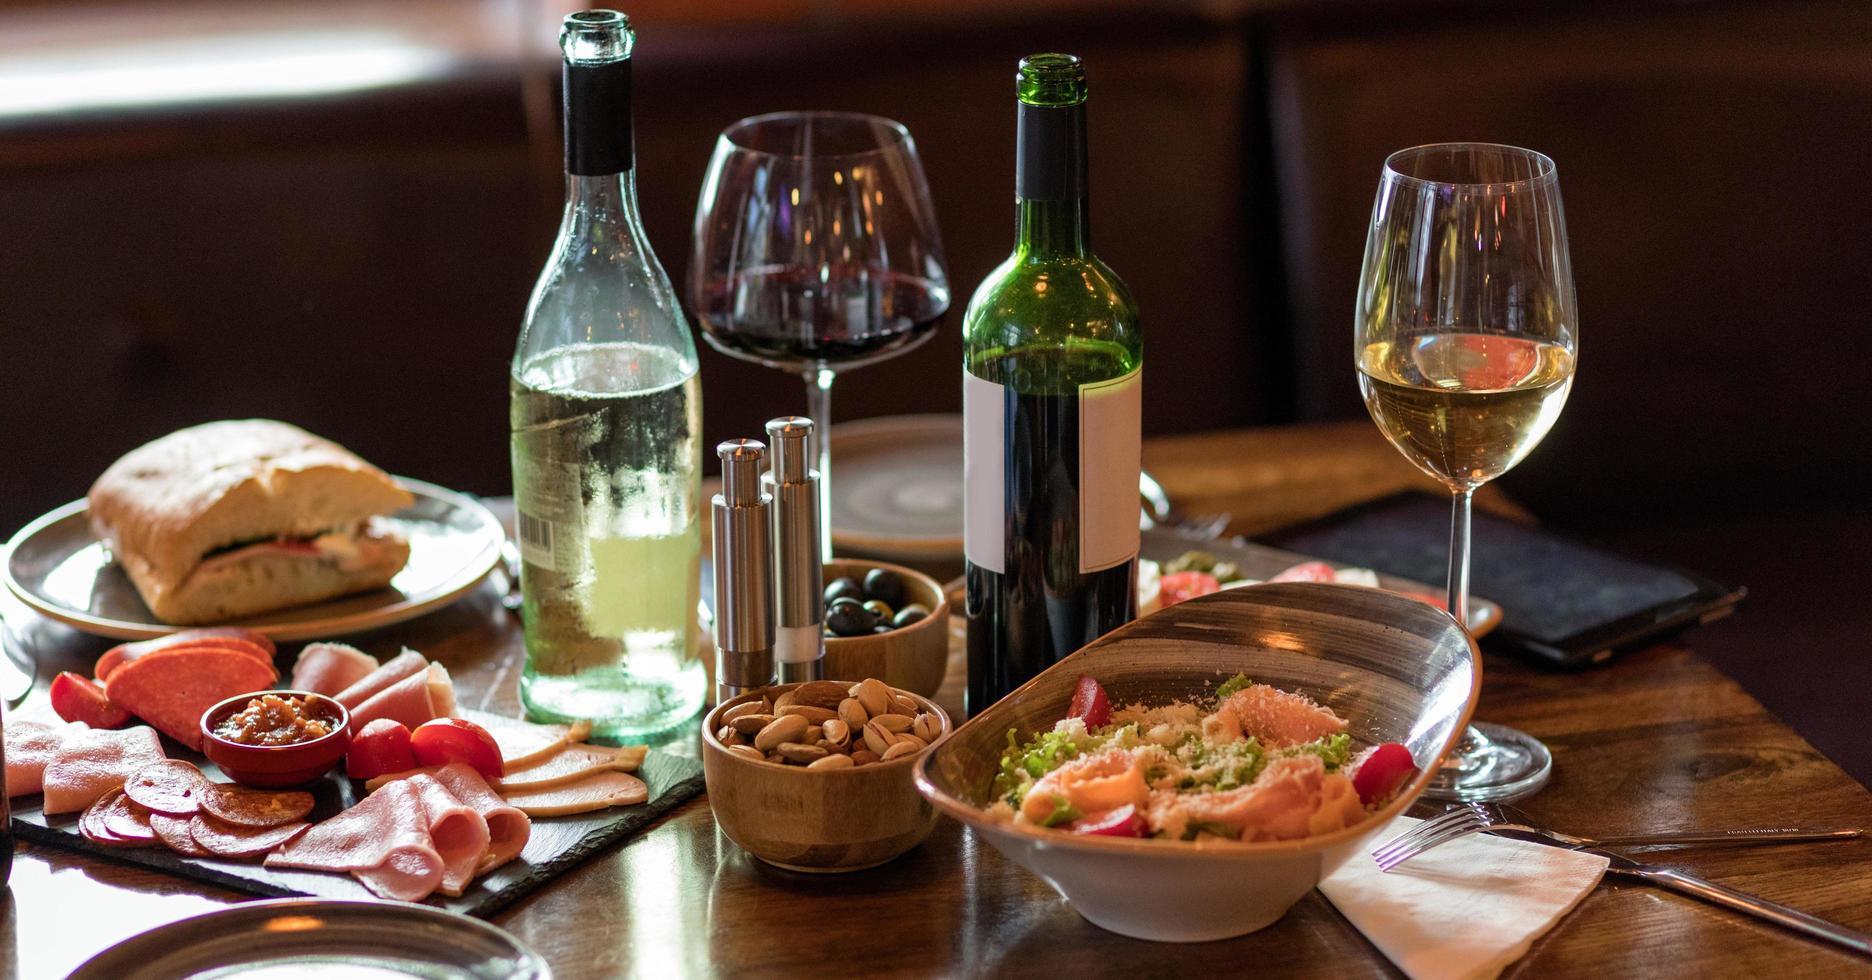 Tischdekoration mit Essen und Trinken foto